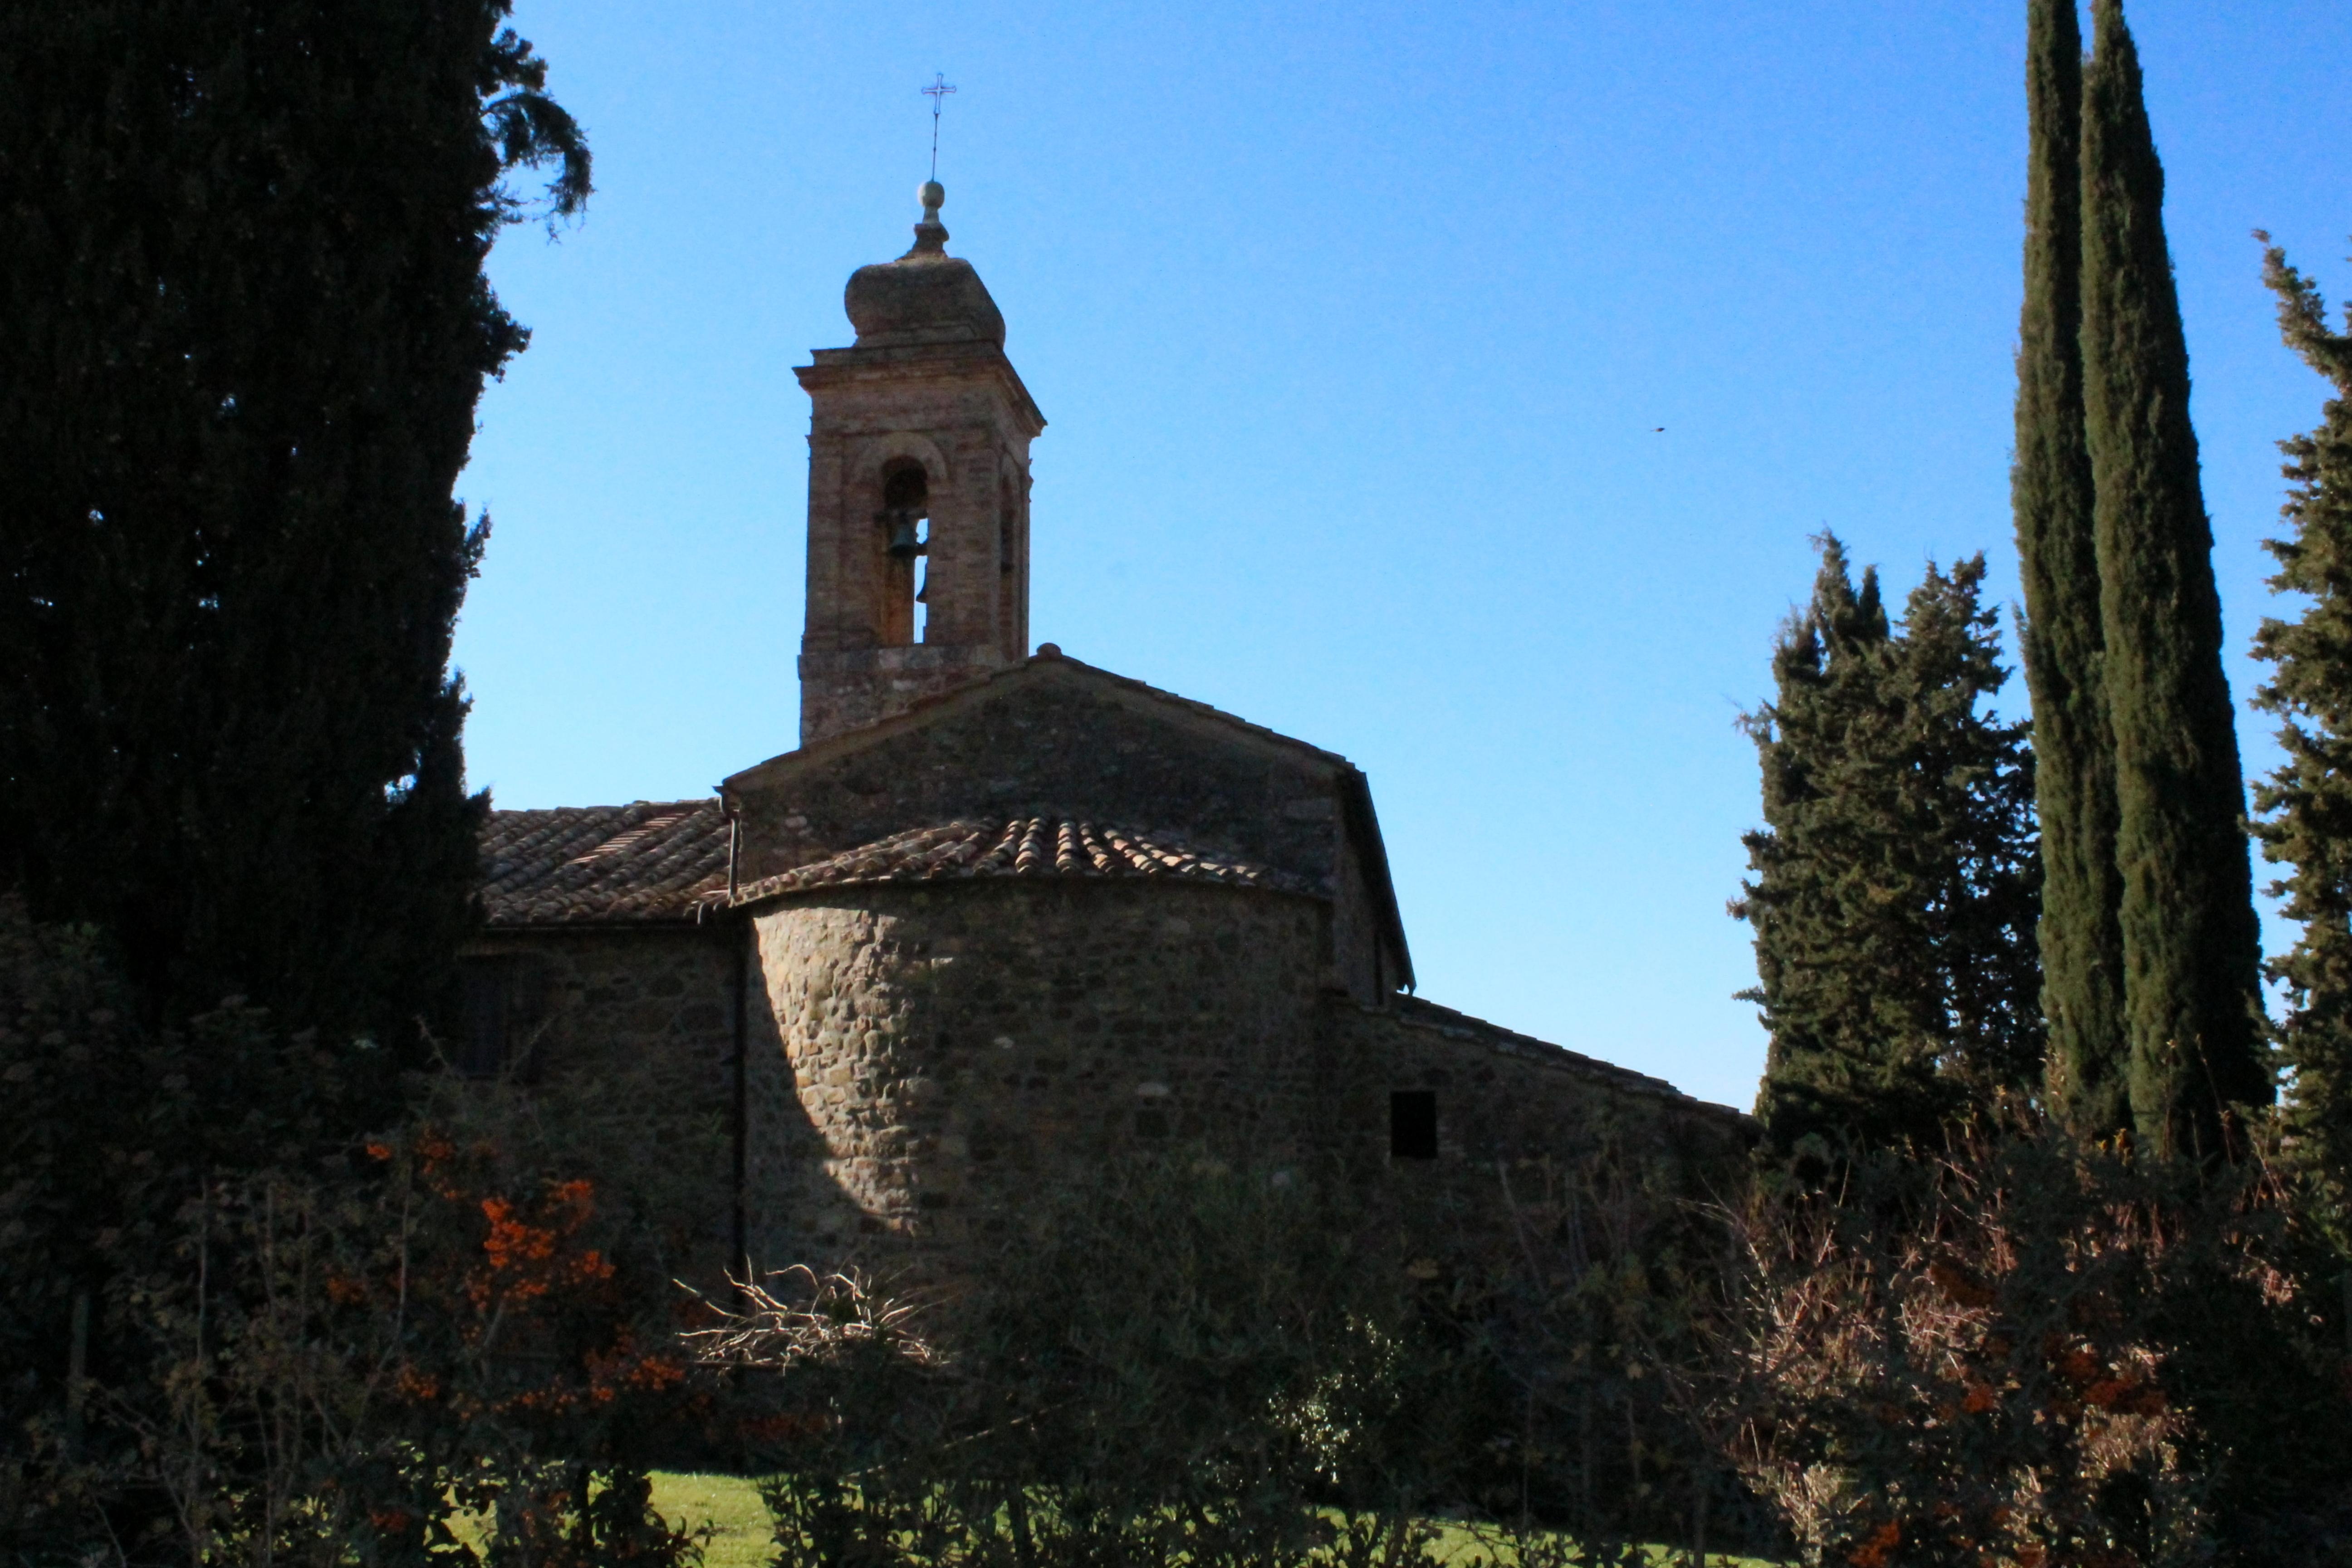 Pieve Santa Restituta, Montalcino